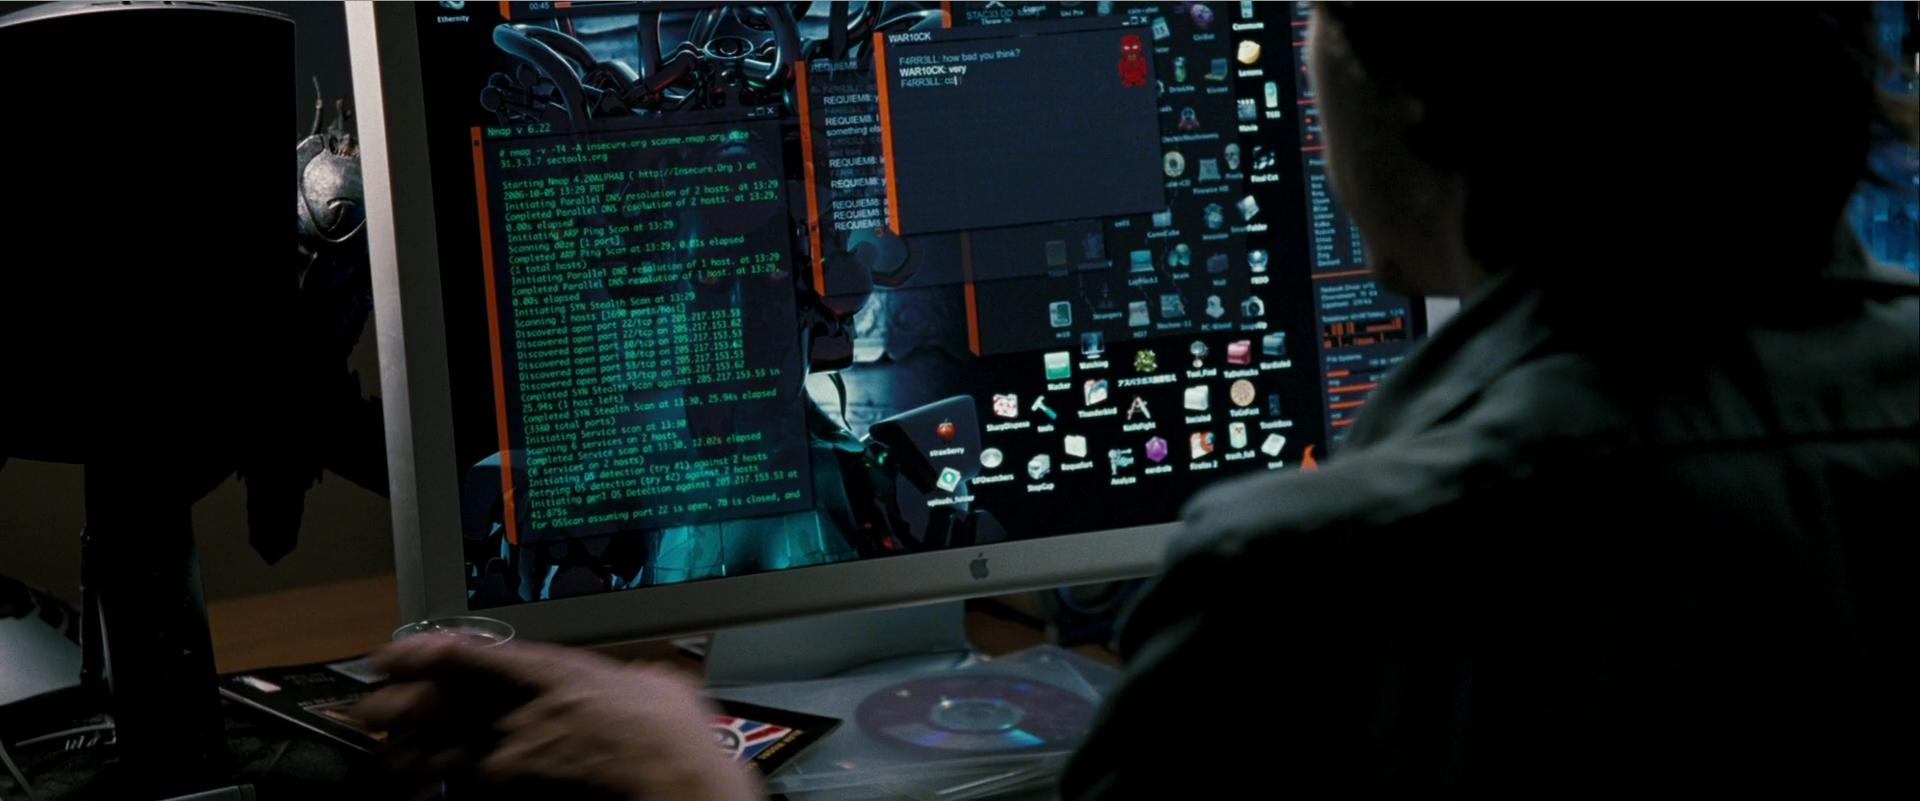 Сканер nmap как главный инструмент кино-хакеров - 16